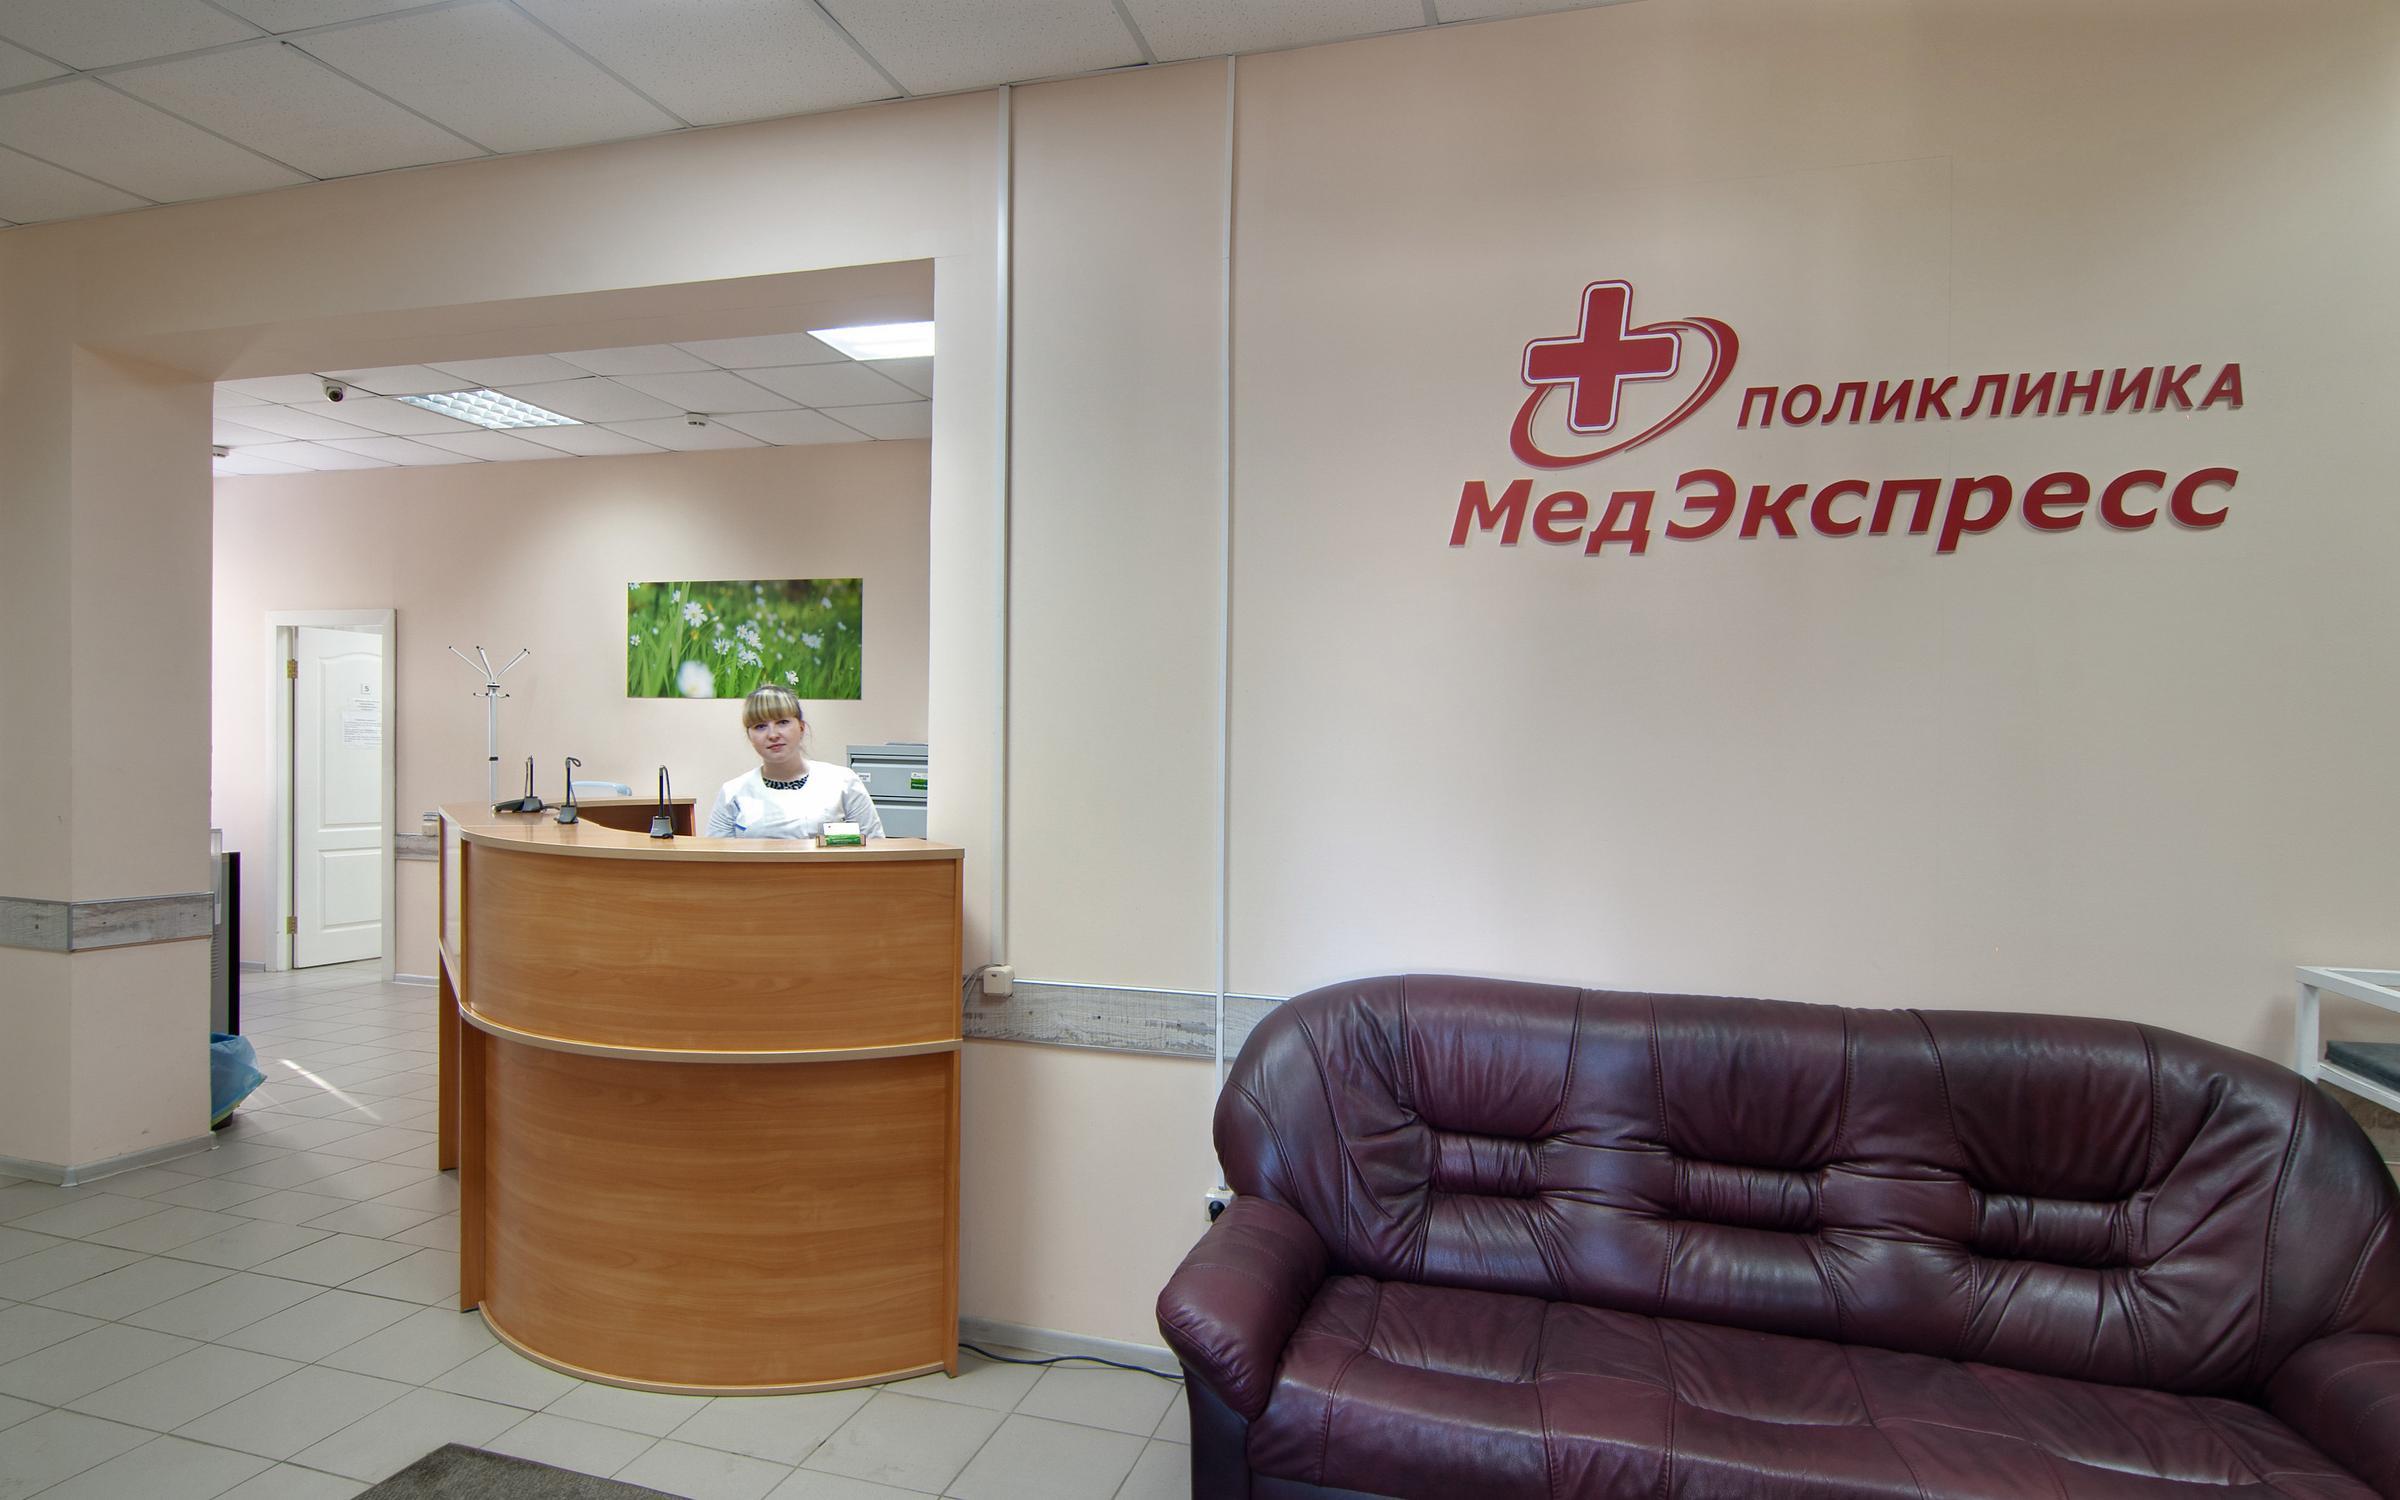 фотография Поликлиники МедЭкспресс на Калиновской улице